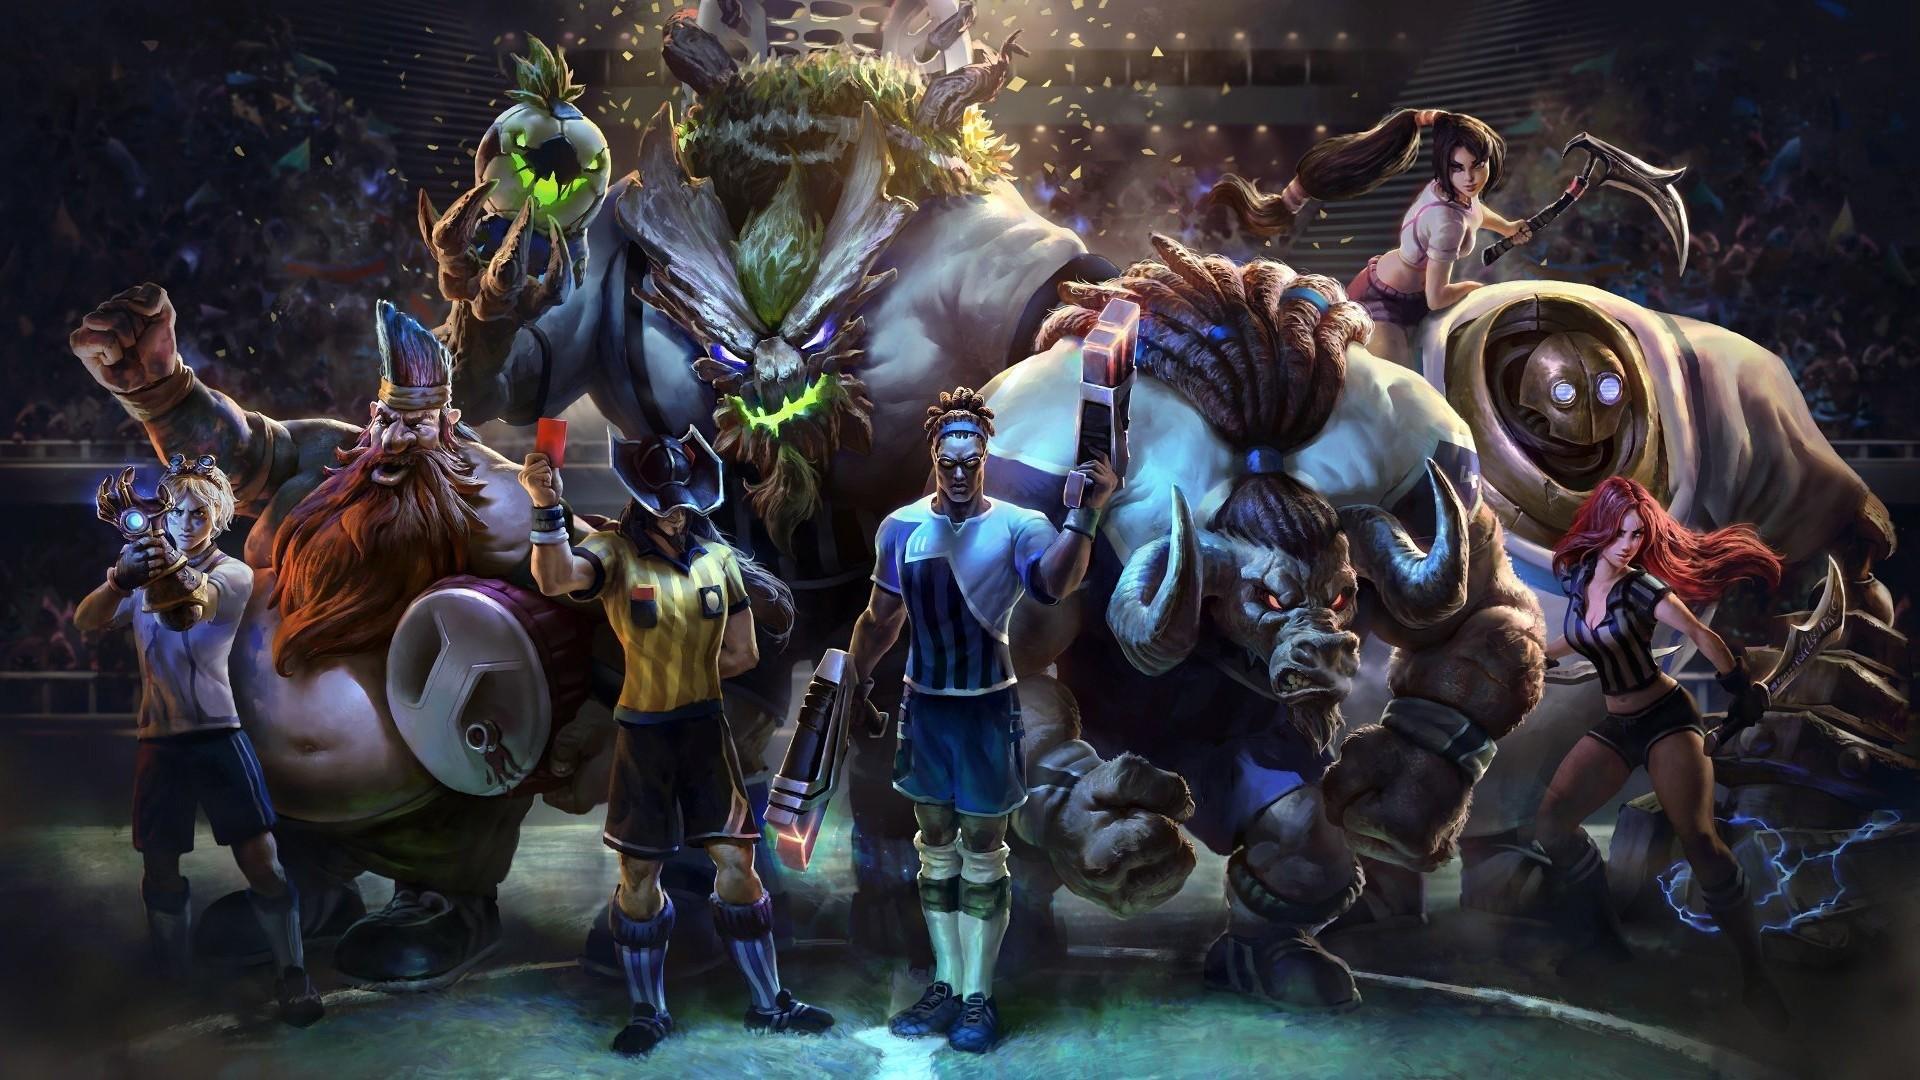 League Of Legends vertical wallpaper hd